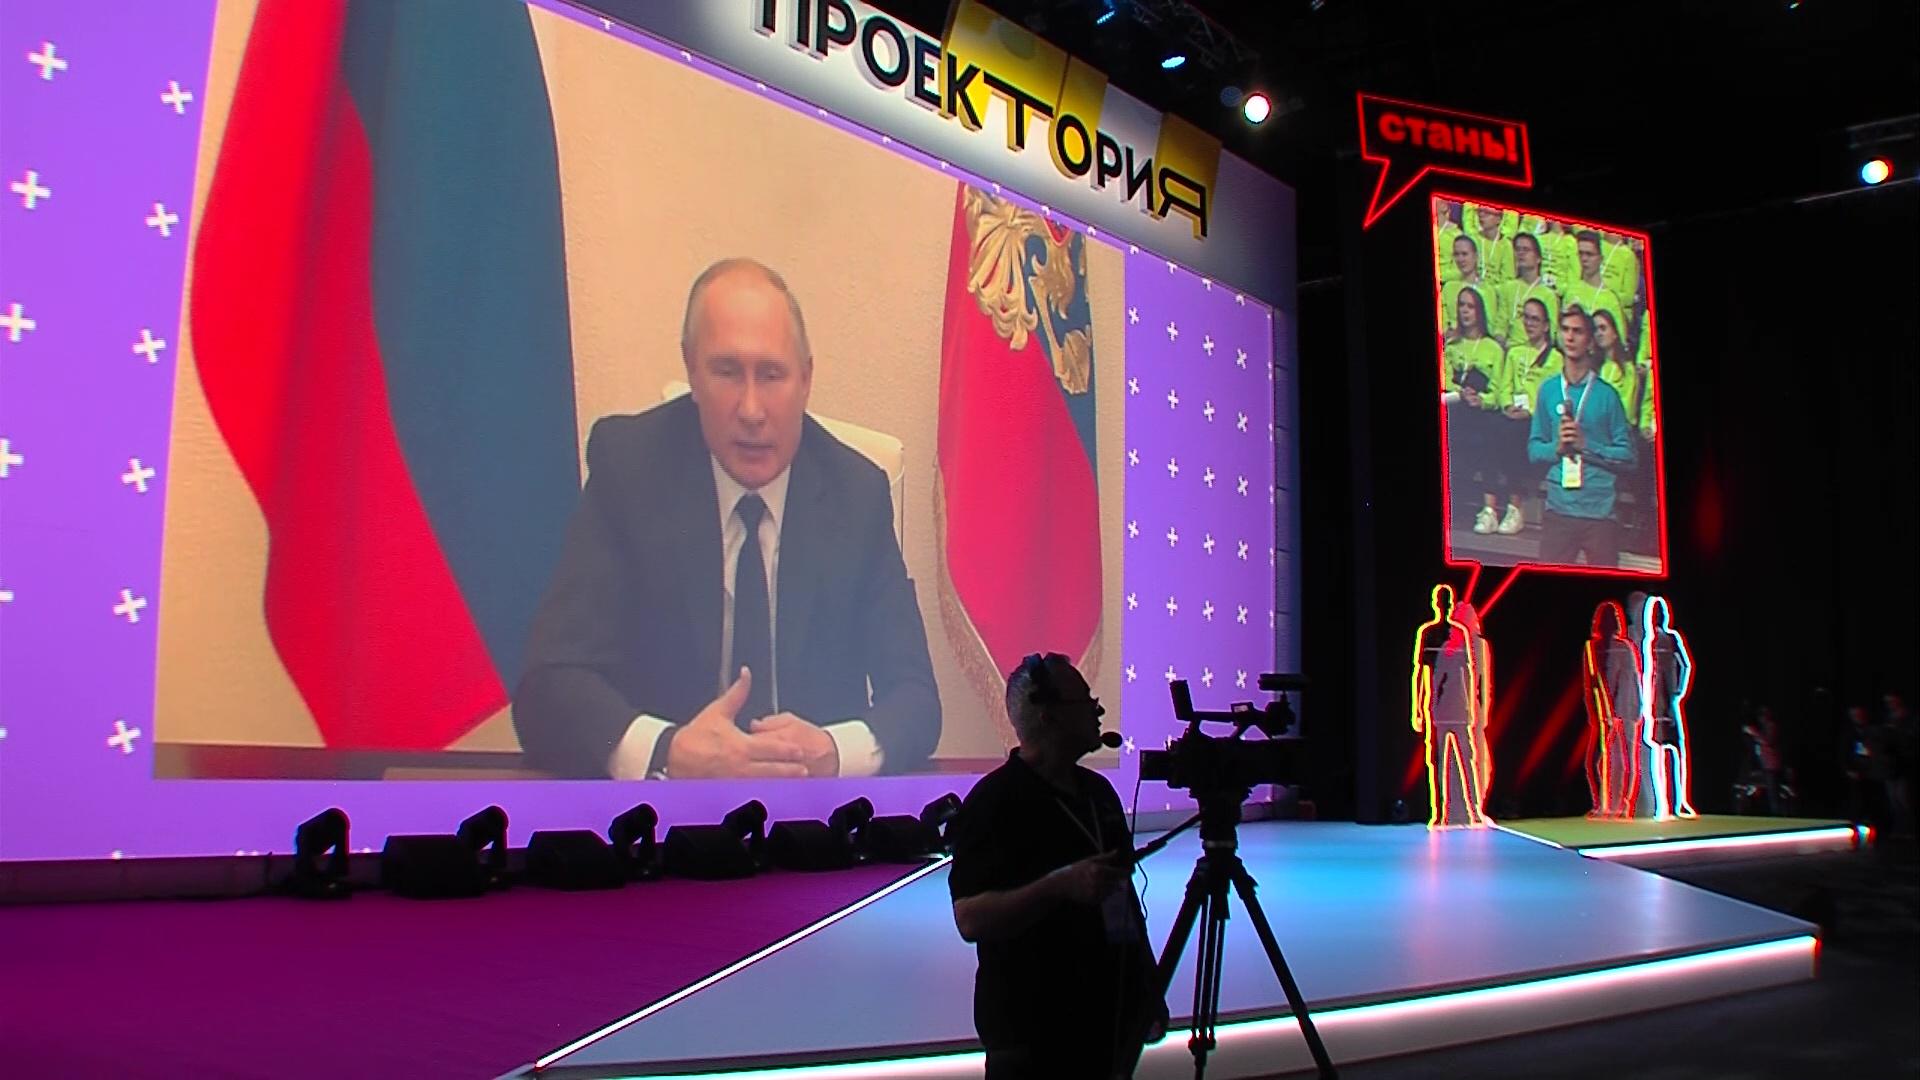 Владимир Путин провел телемост с участниками форума «Проектория»